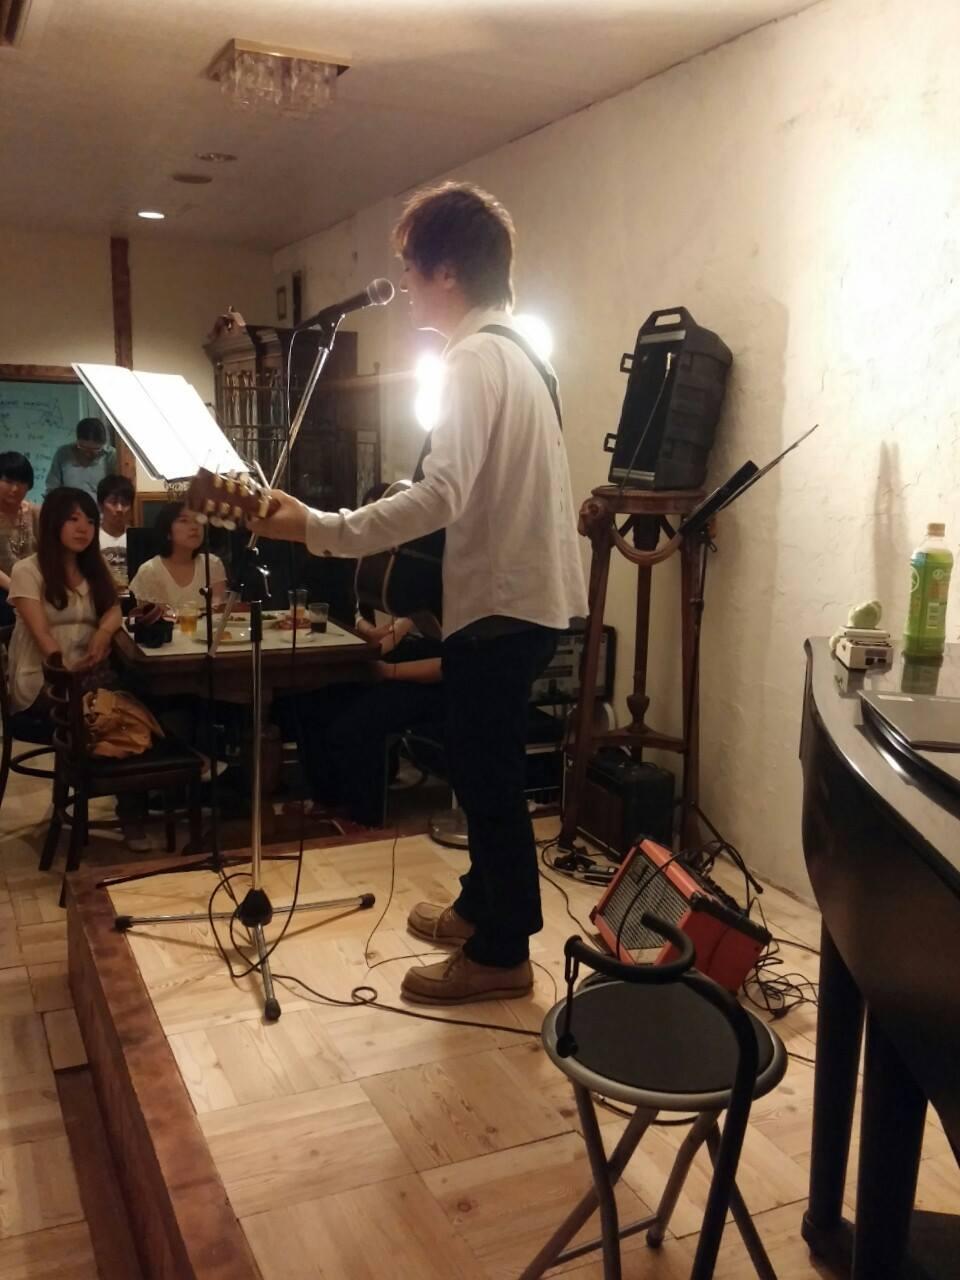 『アルキロコス 千代田町』 プレオープン中 カフェ&イベントスペース_e0187286_19055933.jpg